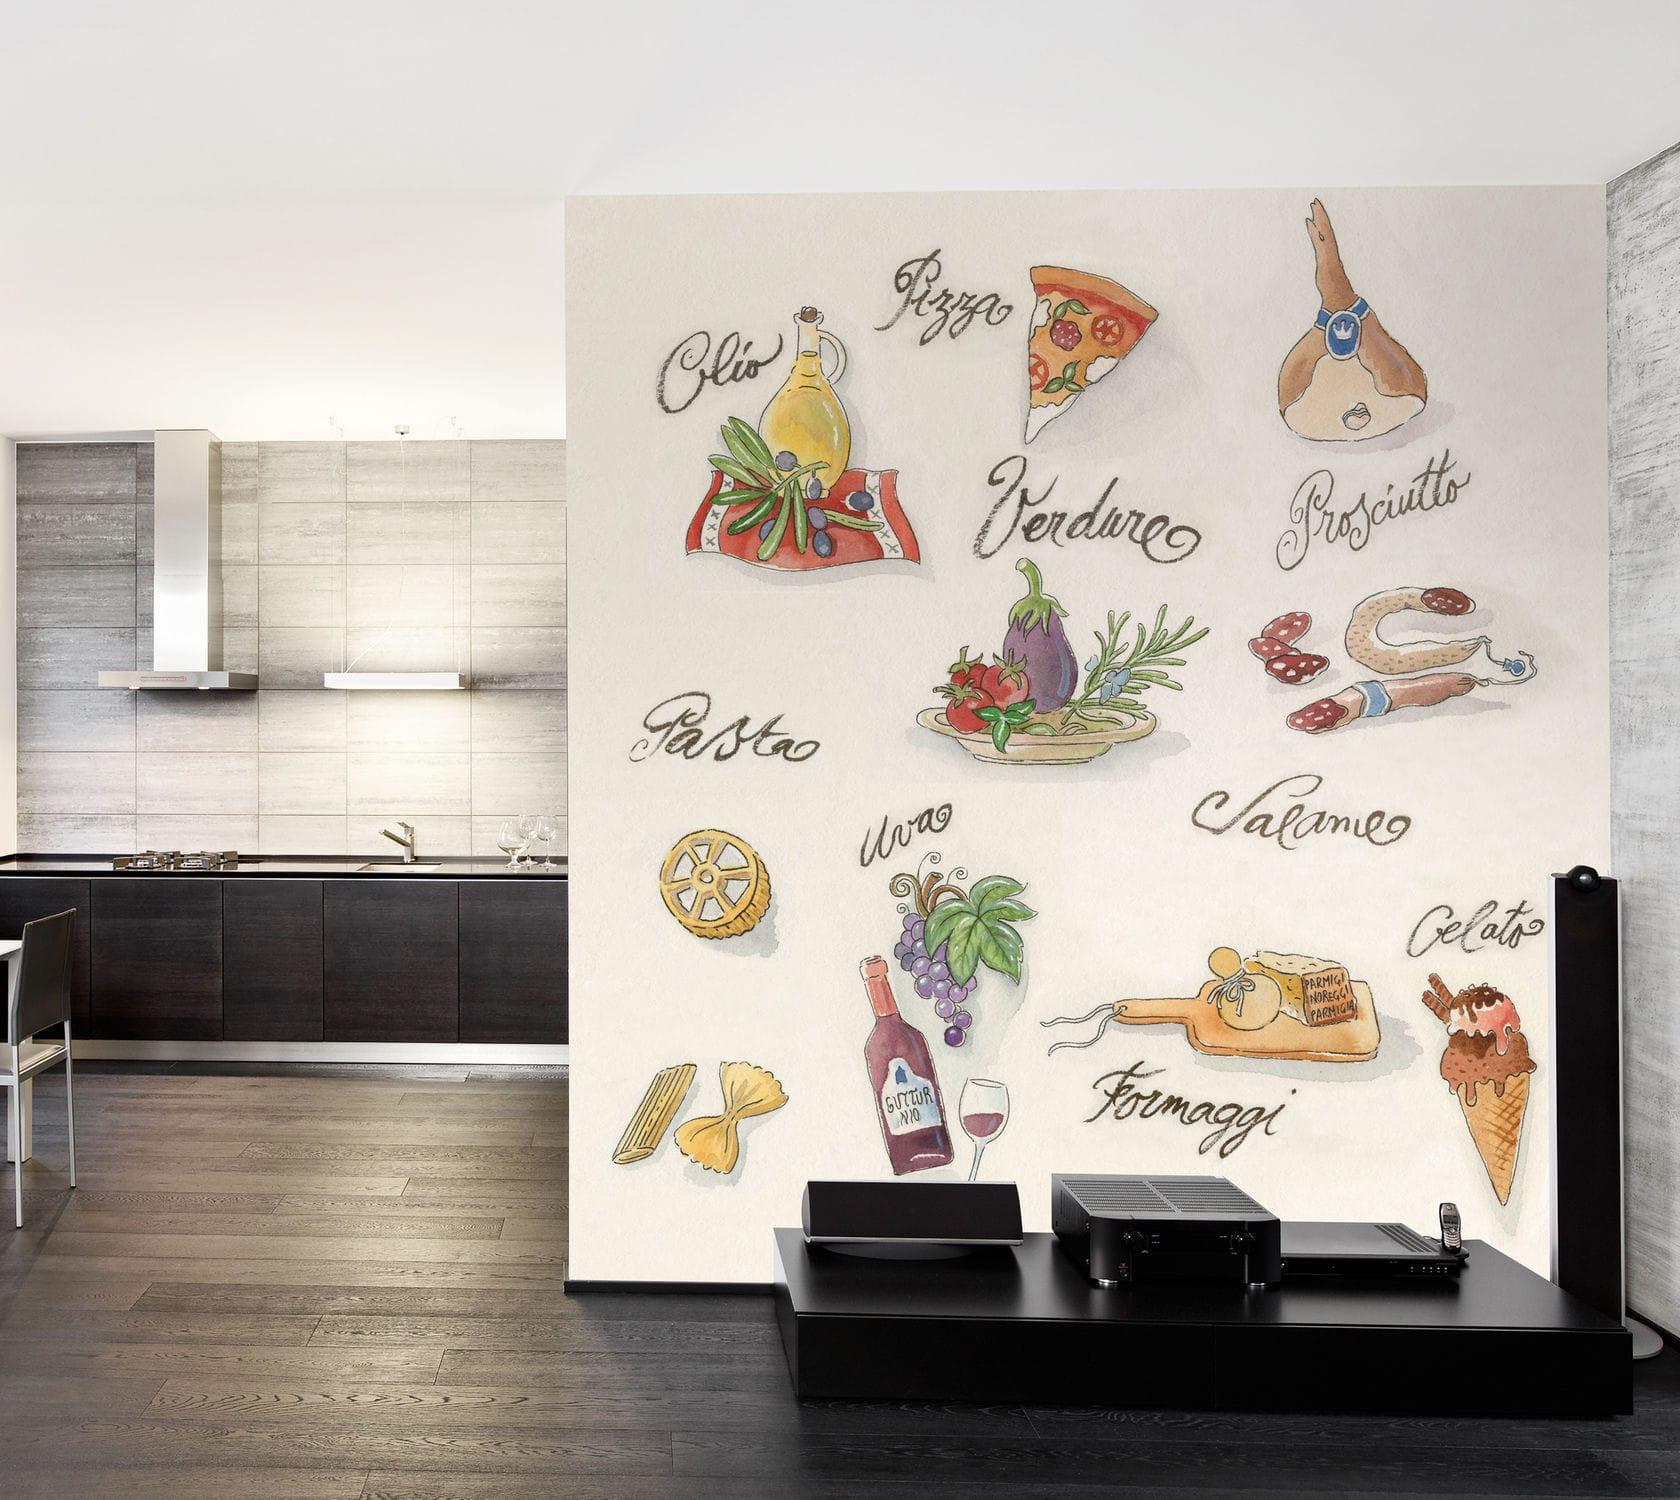 Papier Peint Pour Cuisine original design wallpaper / patterned - bueno appetito - in